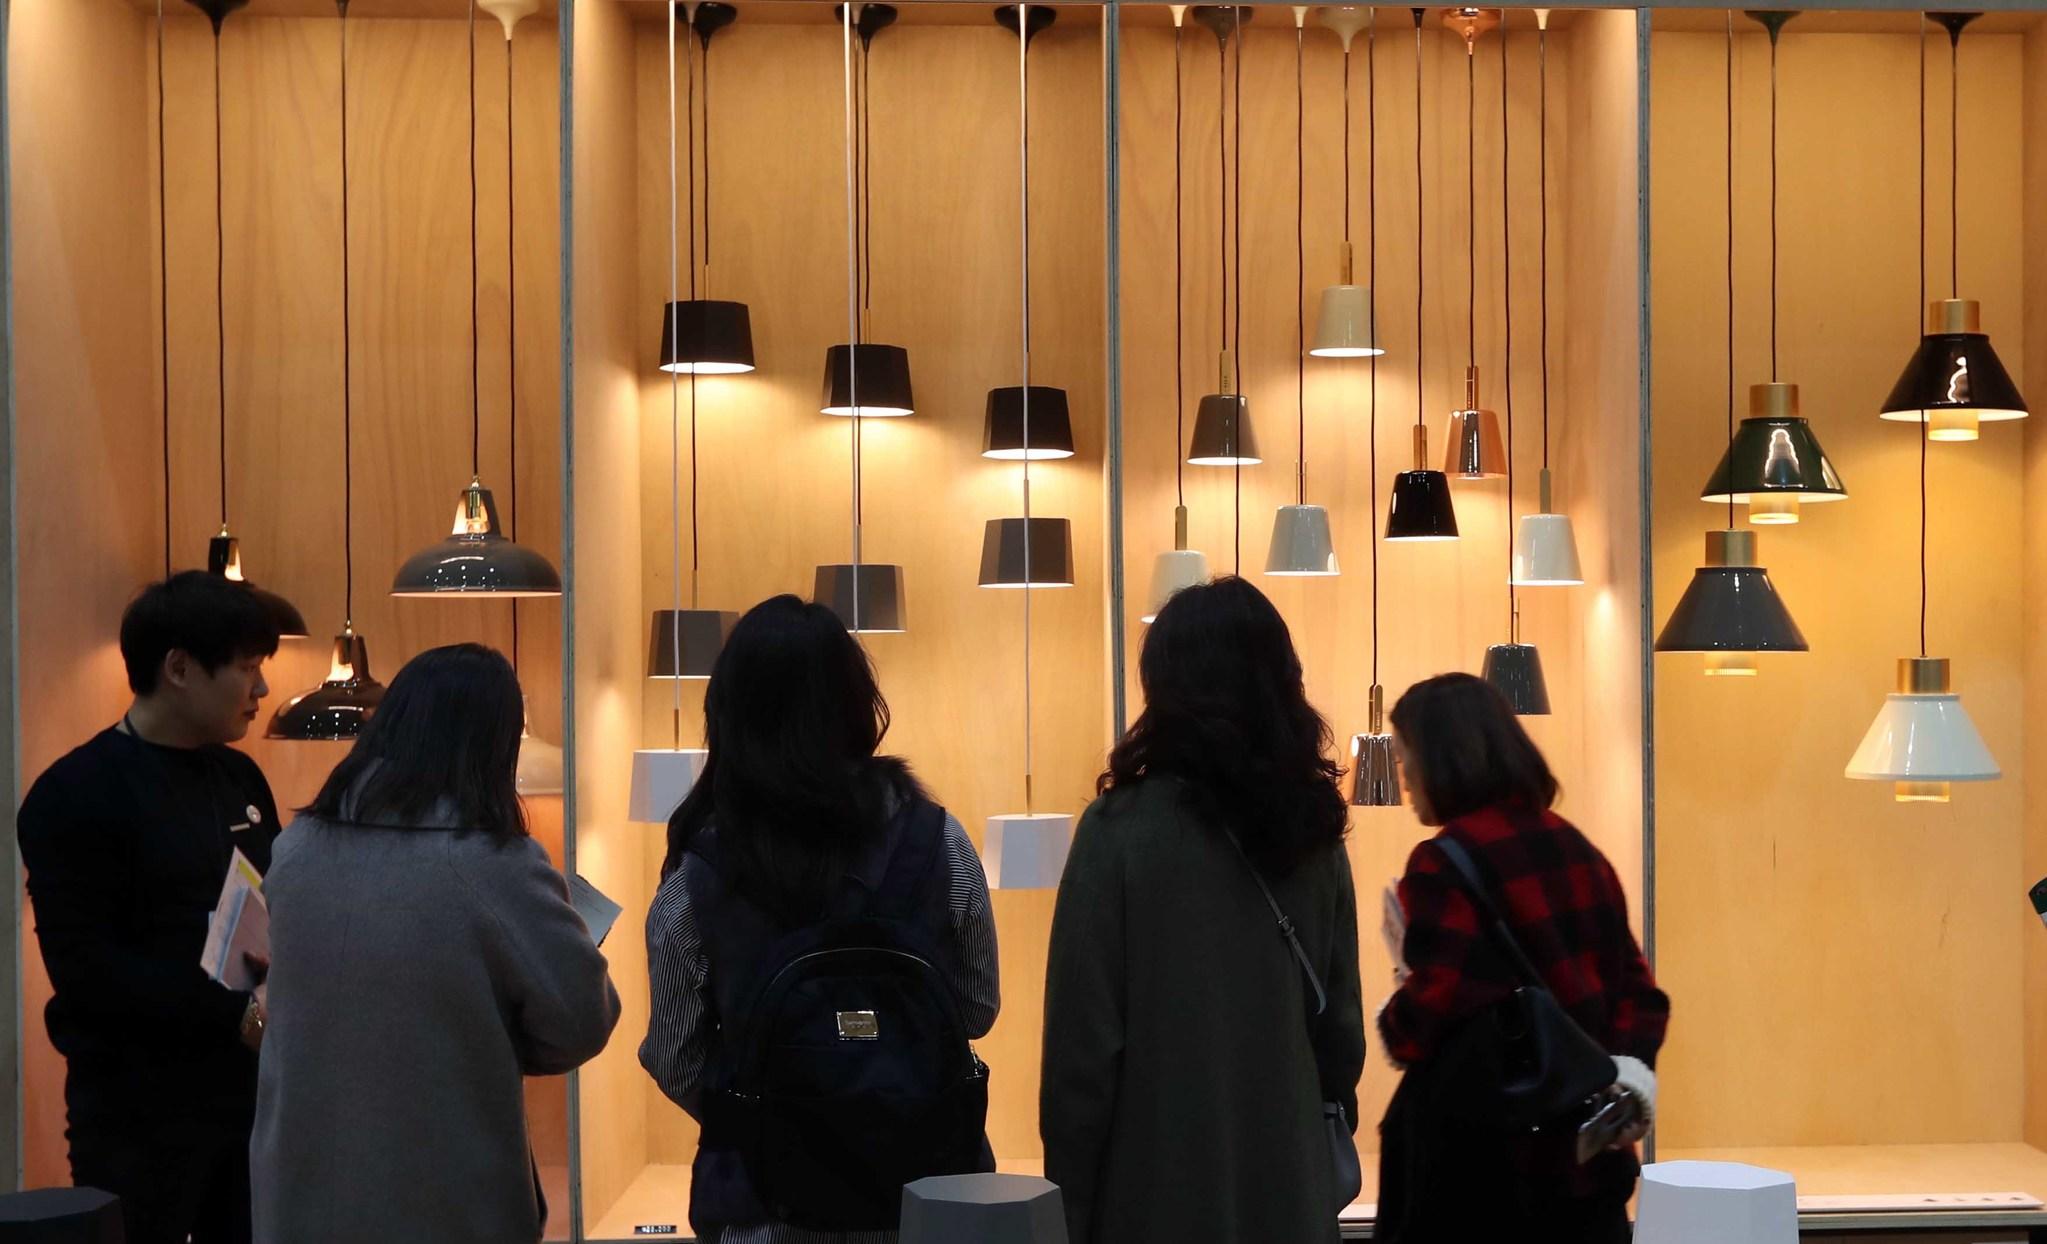 '2017 서울리빙디자인페어' 전시장을 찾은 관람객들이라이마스 조명관을 살펴보고 있다.김상선 기자